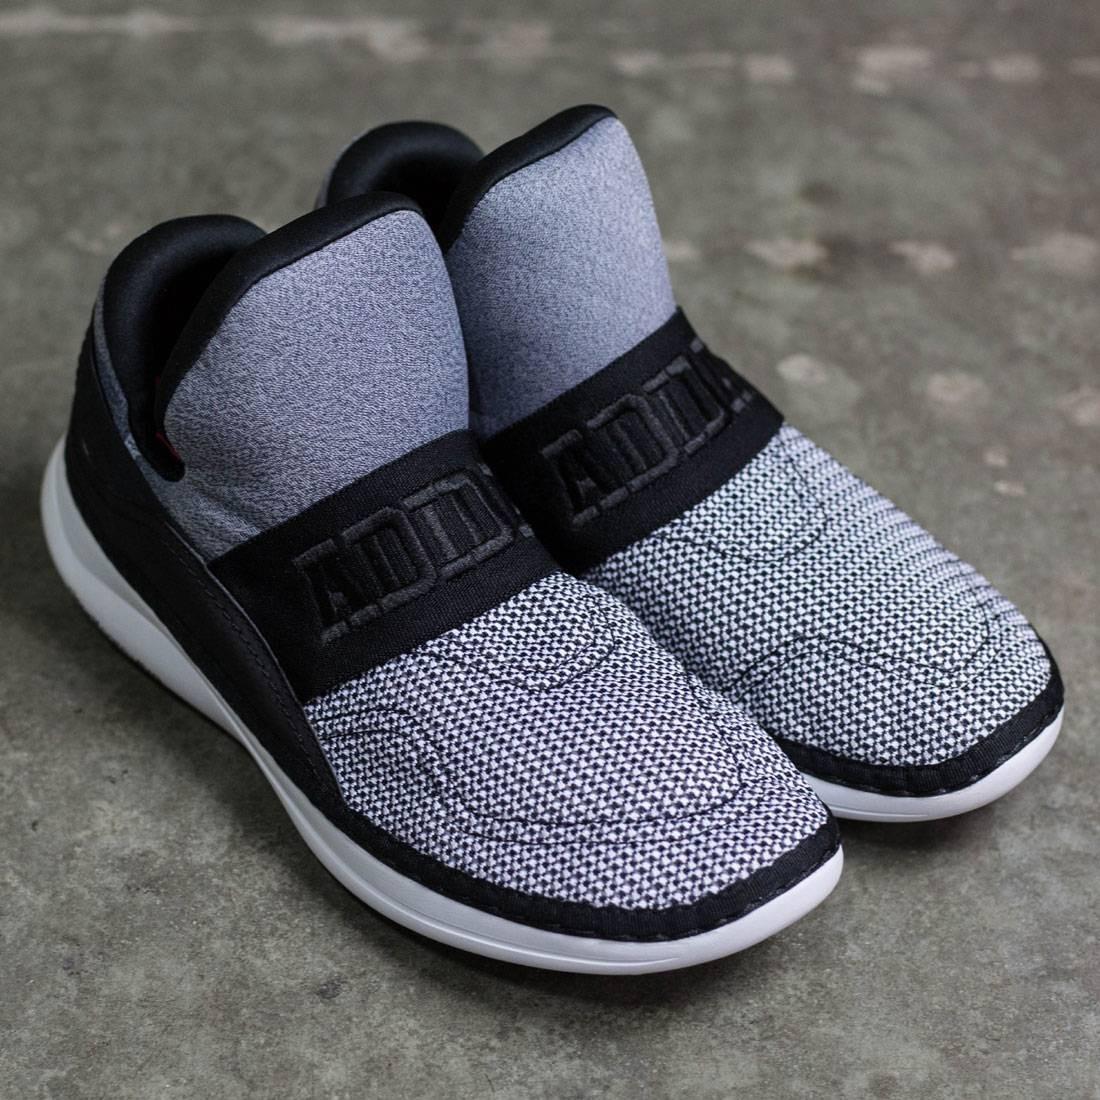 men's adidas cloudfoam zen casual shoes